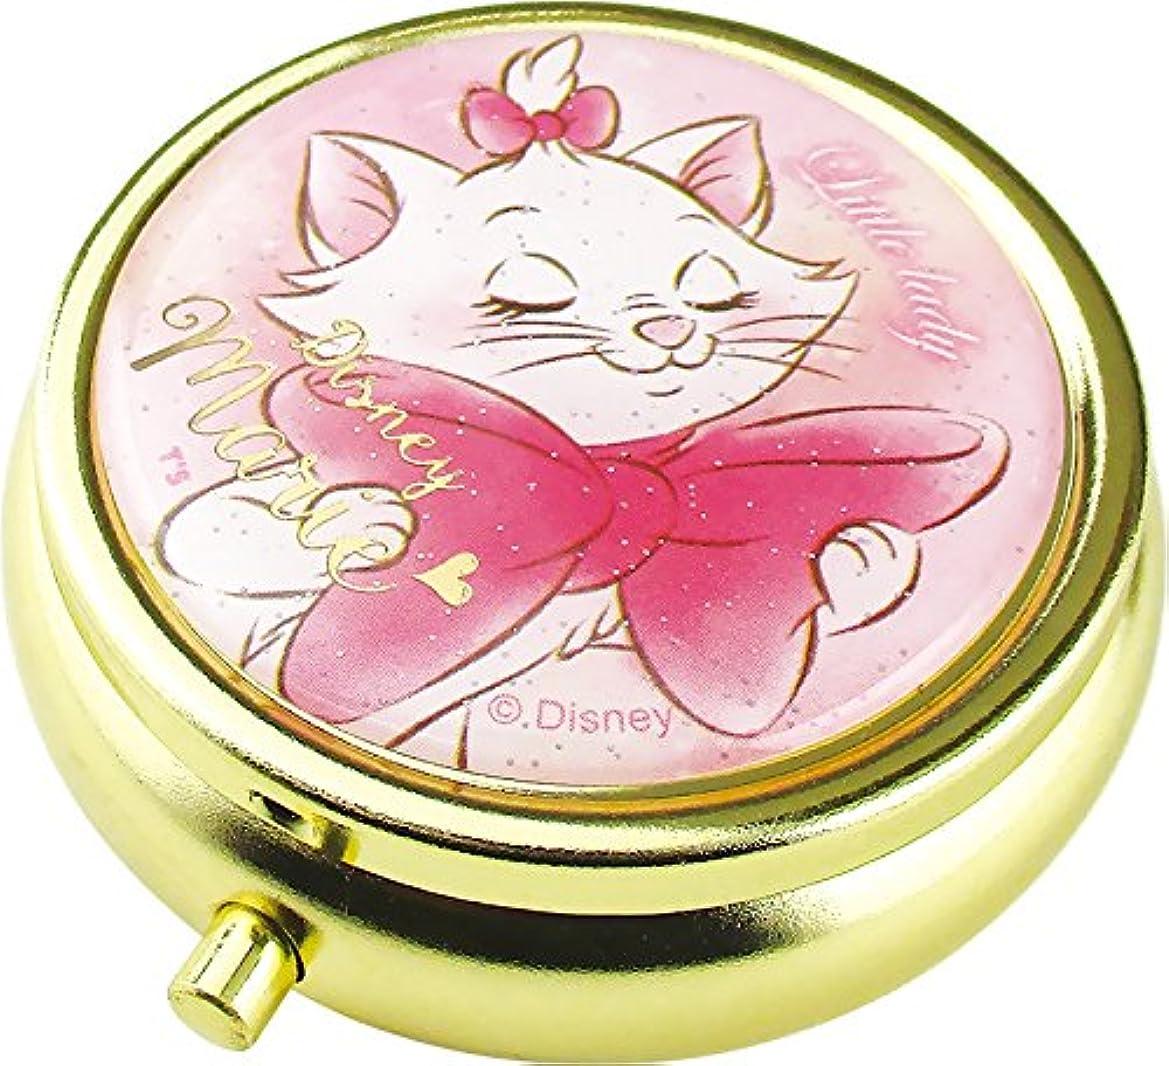 なくなる一般十分なティーズファクトリー Disney マリー ミニ小物ケース ミラー、仕切り付き  ディズニー The Aristocats DN-5522315 MA 073344